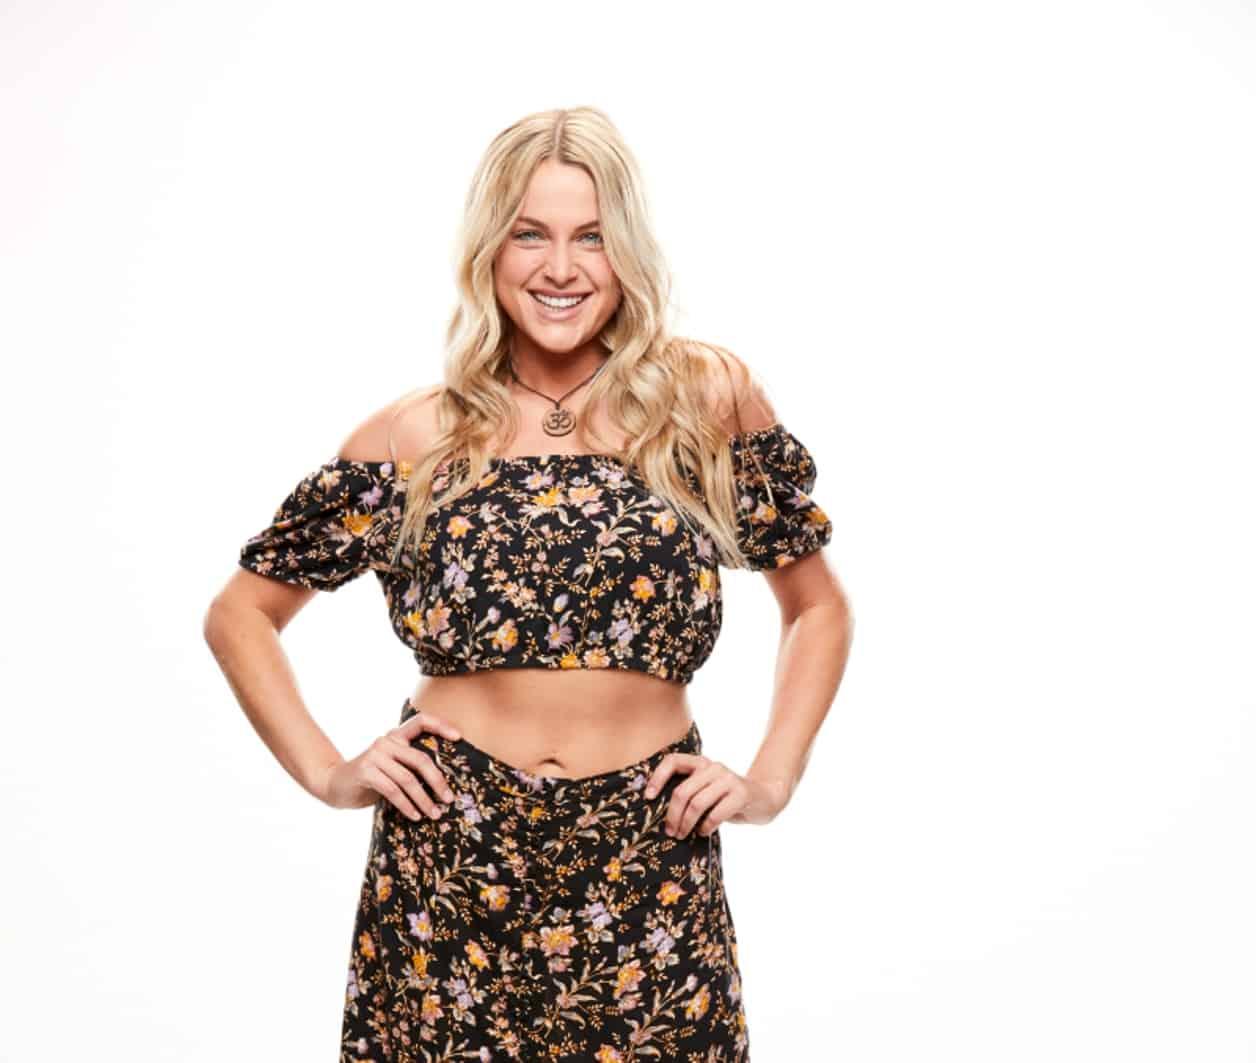 Jessica Milagros - Big Brother 2019 Cast Photos